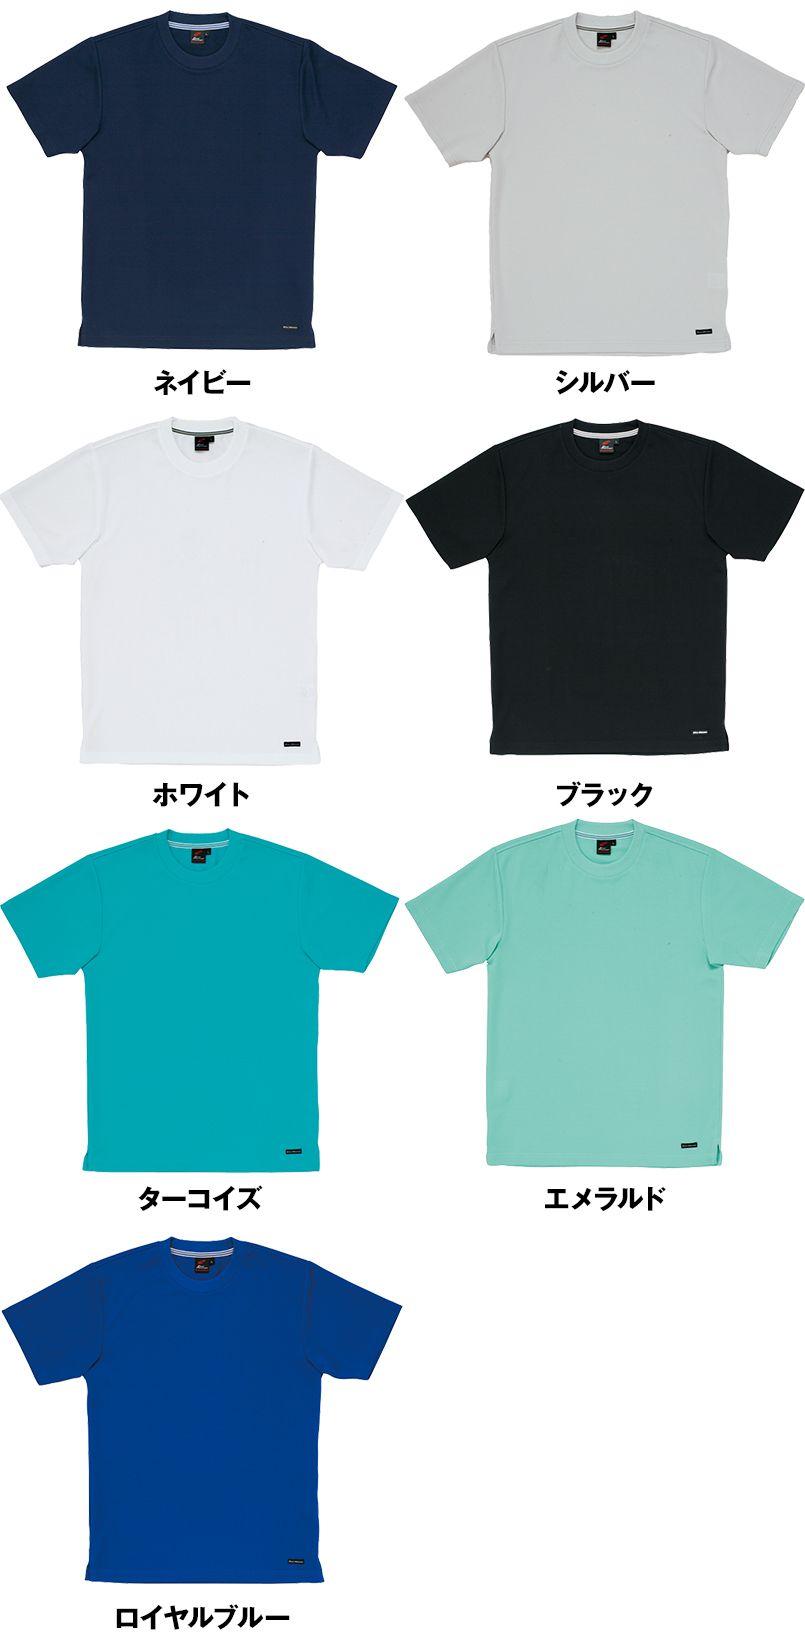 85234 自重堂 吸汗速乾半袖Tシャツ 色展開